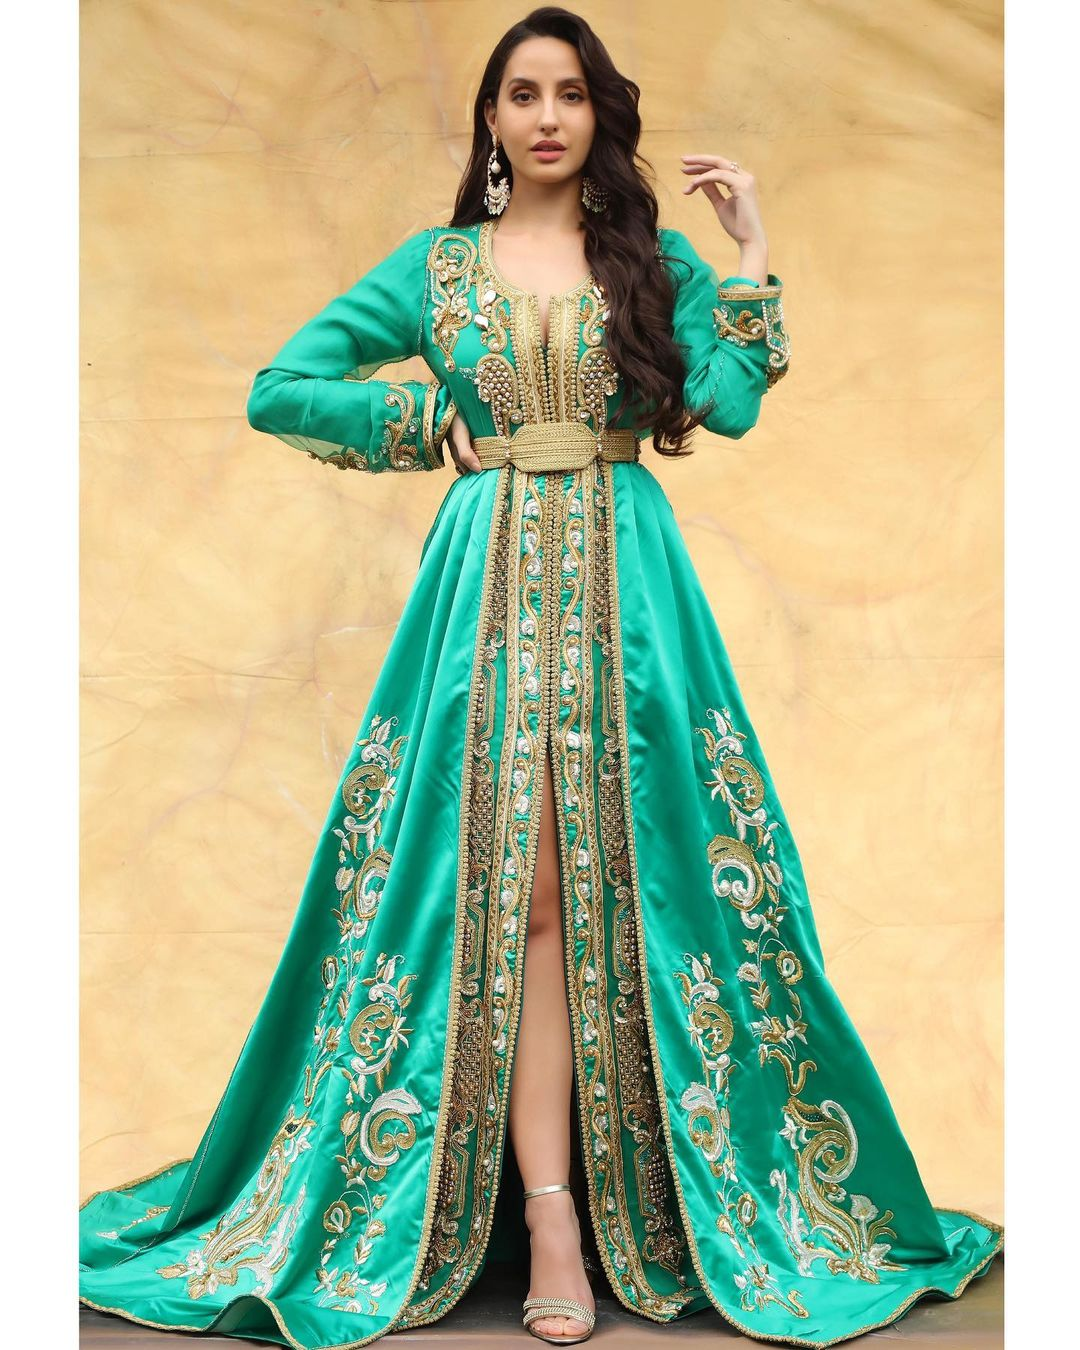 Bollywood actress Nora Fatehi